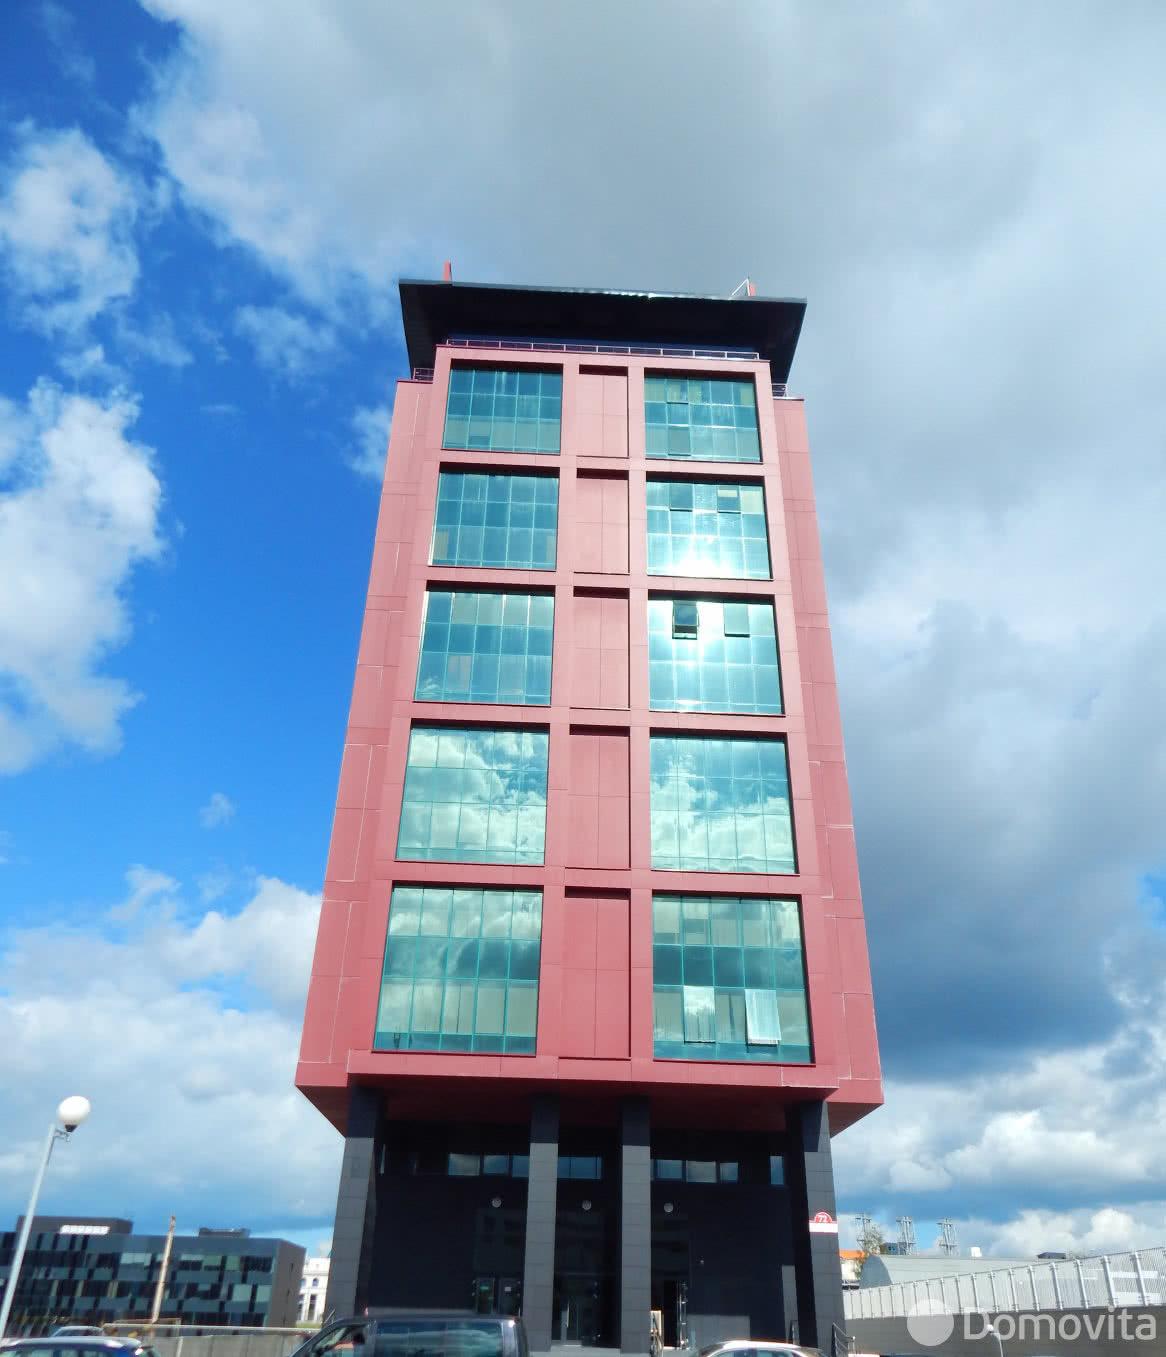 Бизнес-центр БЦ на Тимирязева 72 - фото 3